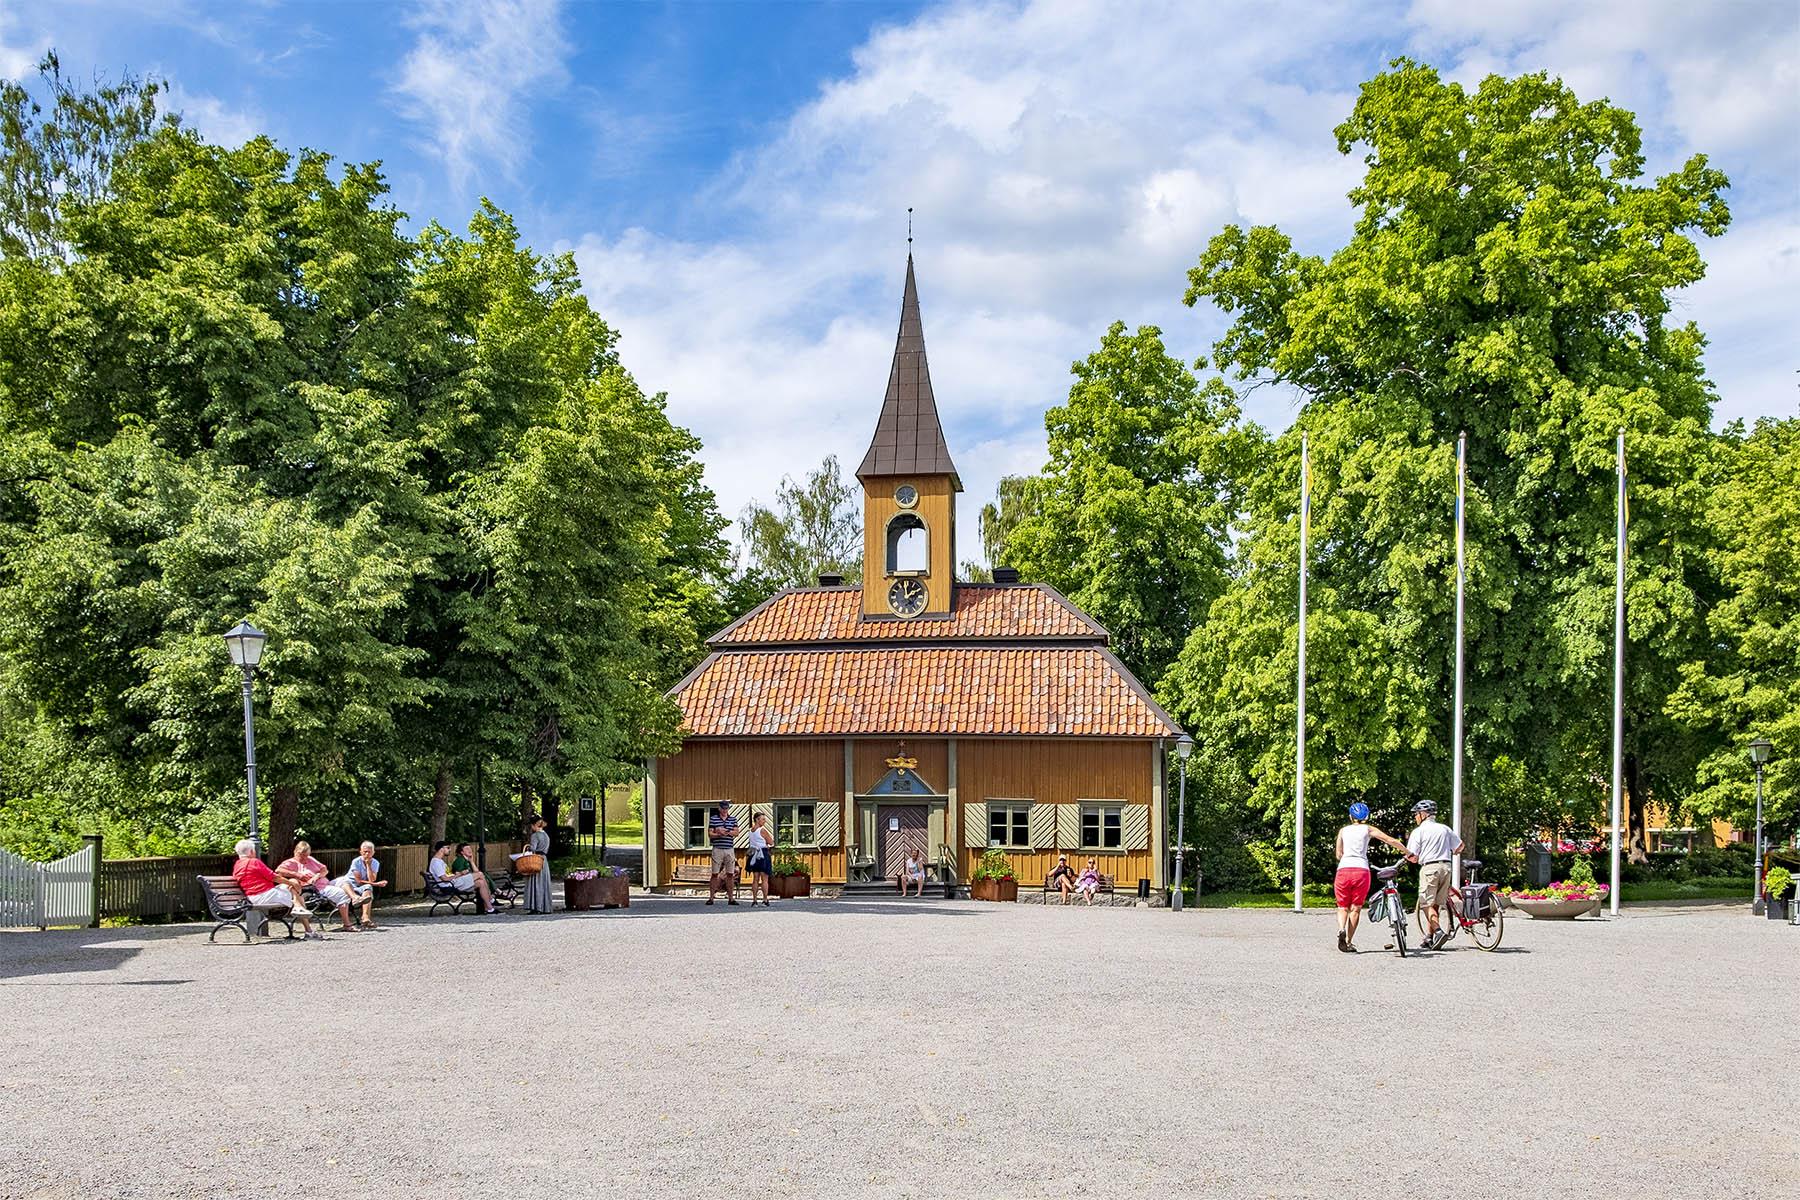 Rådhuset Sigtuna